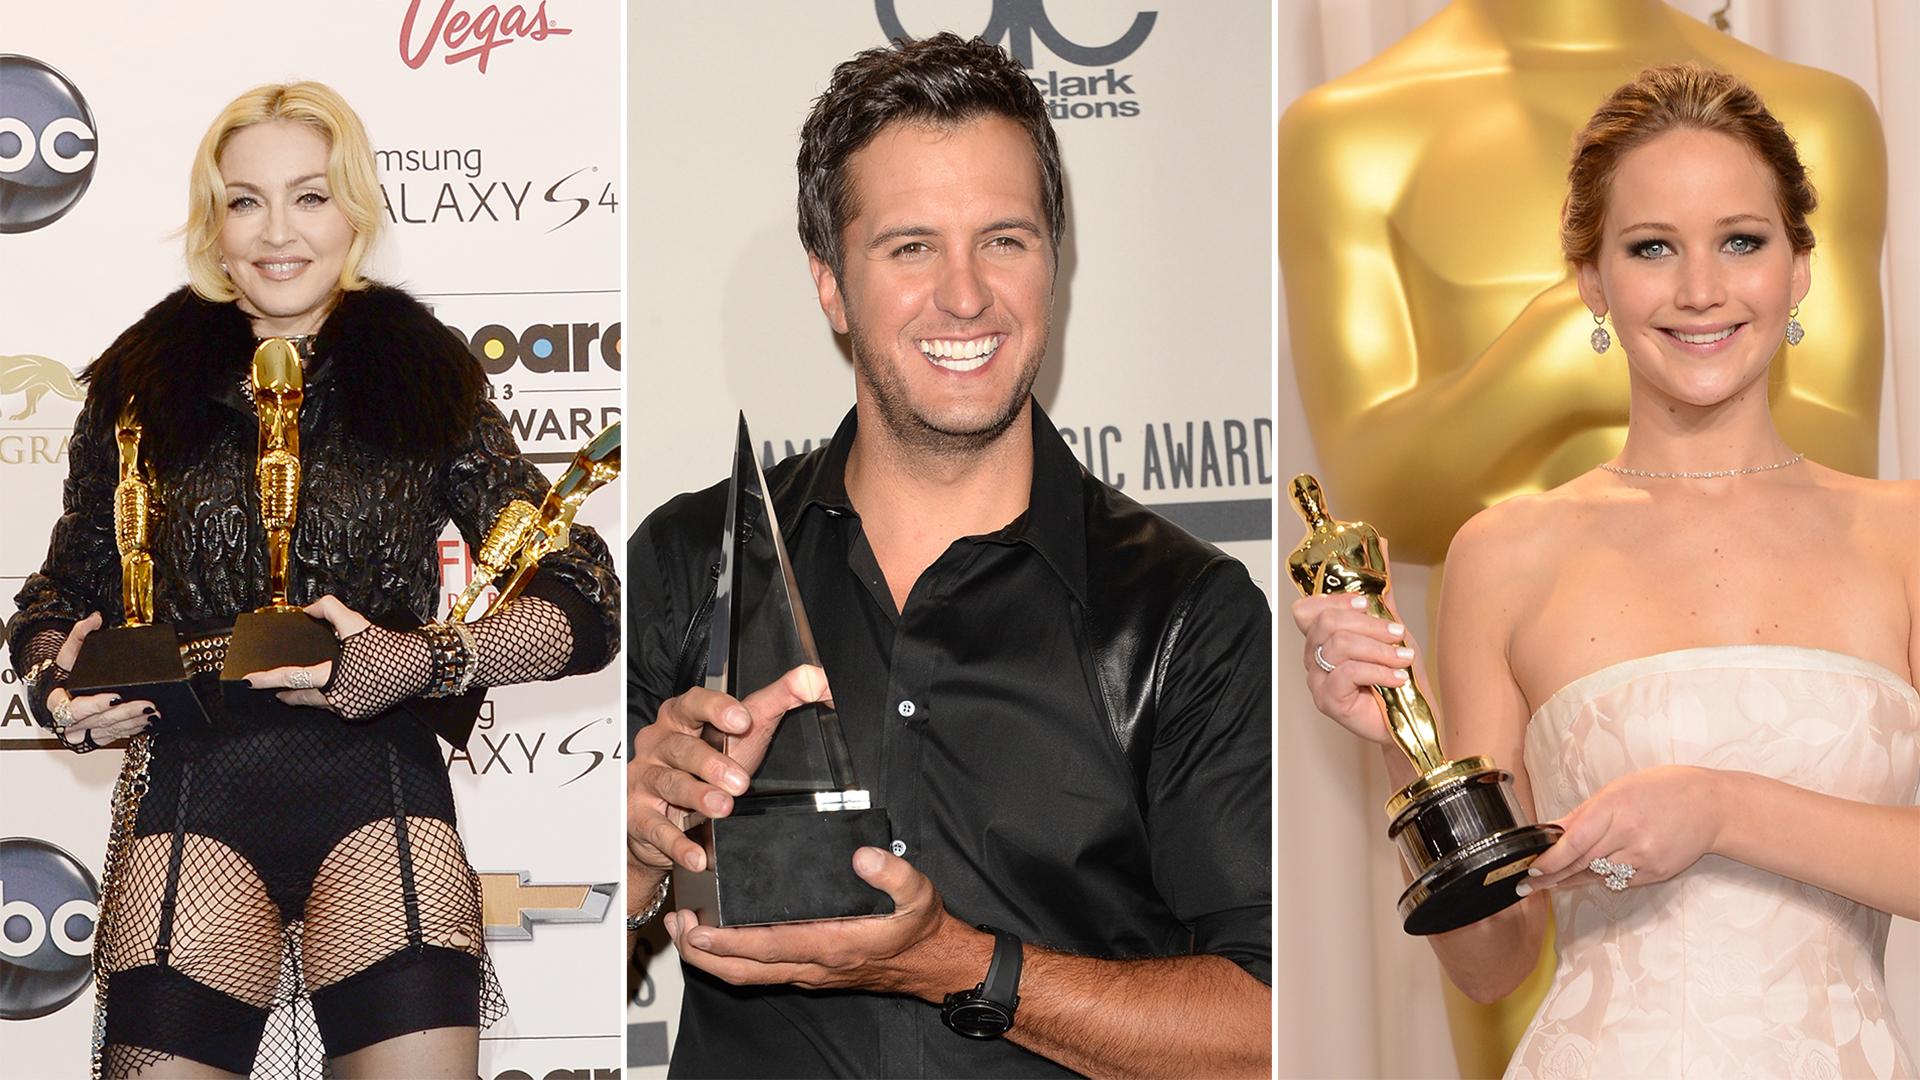 IMAGE: Awards